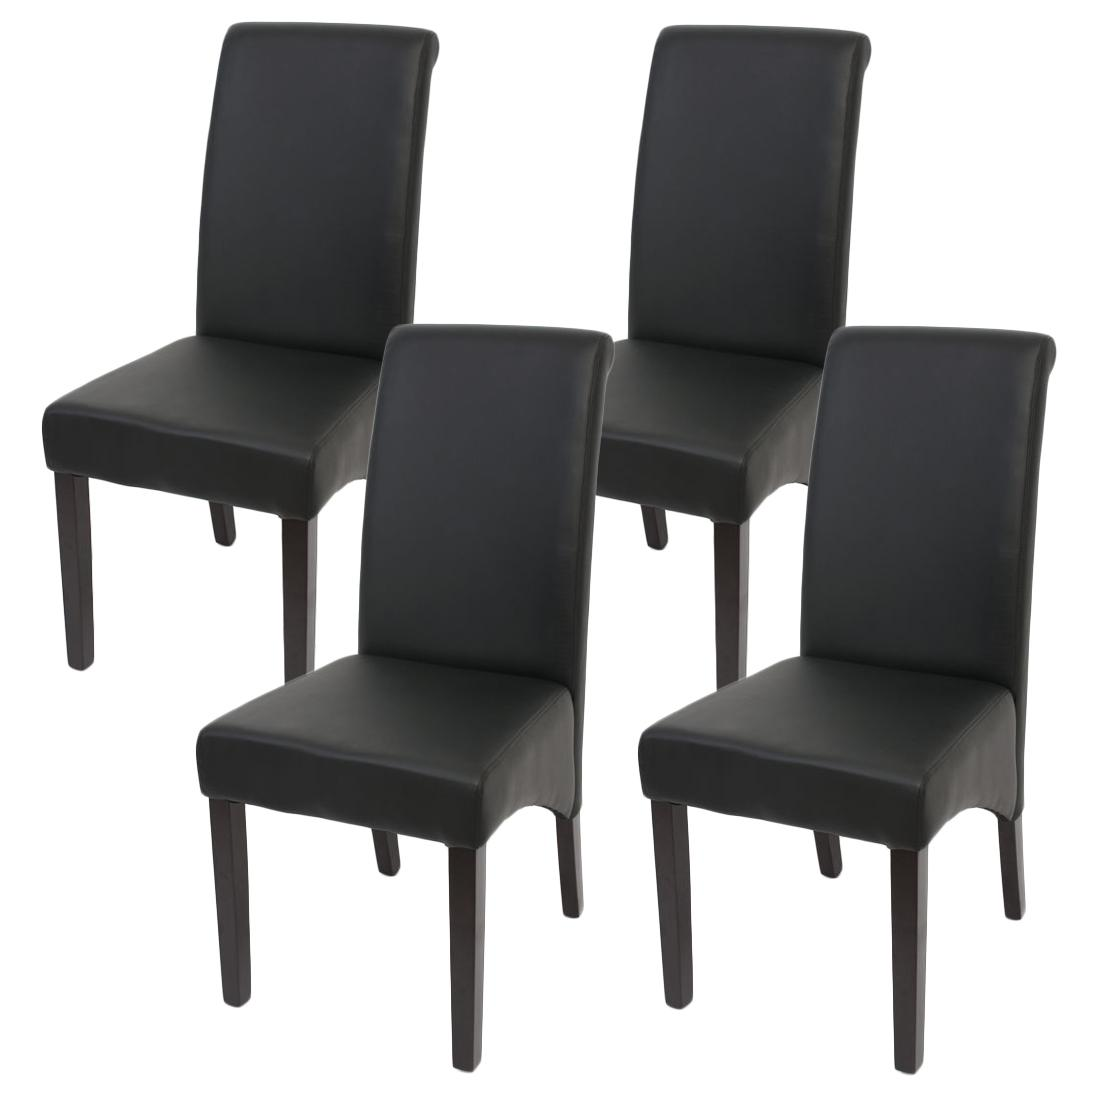 Lote 4 sillas de comedor turin tapizadas en piel negra y for Sillas en piel para comedor